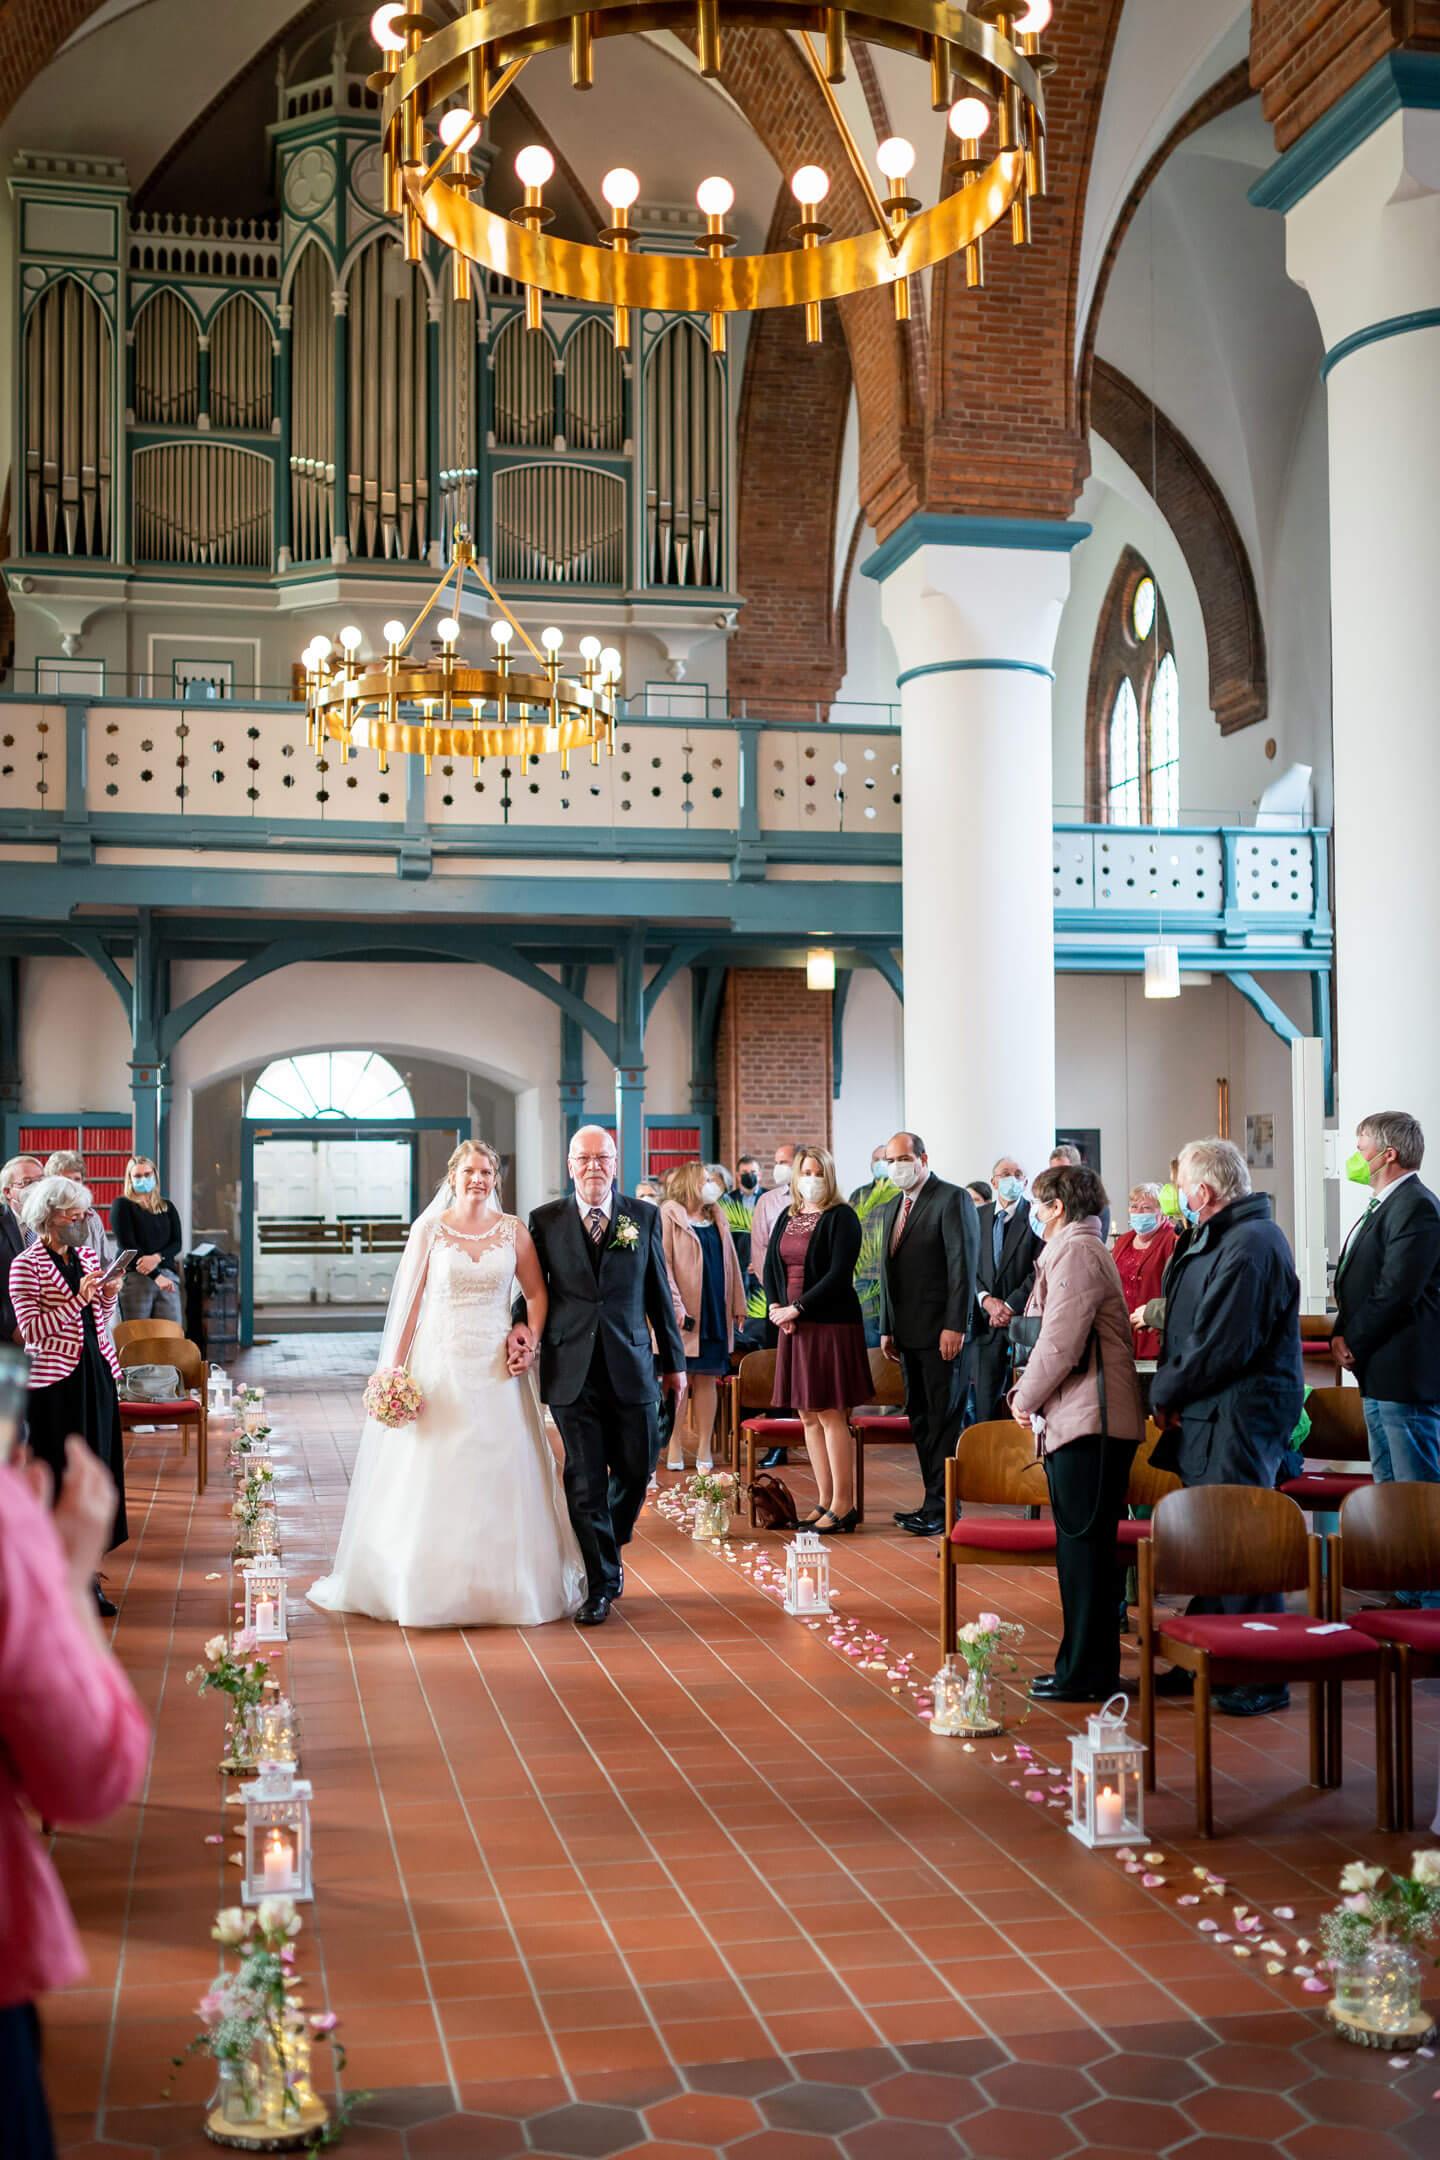 Einzug der Braut mit Brautvater in der St. Martin Kirche in Nortorf